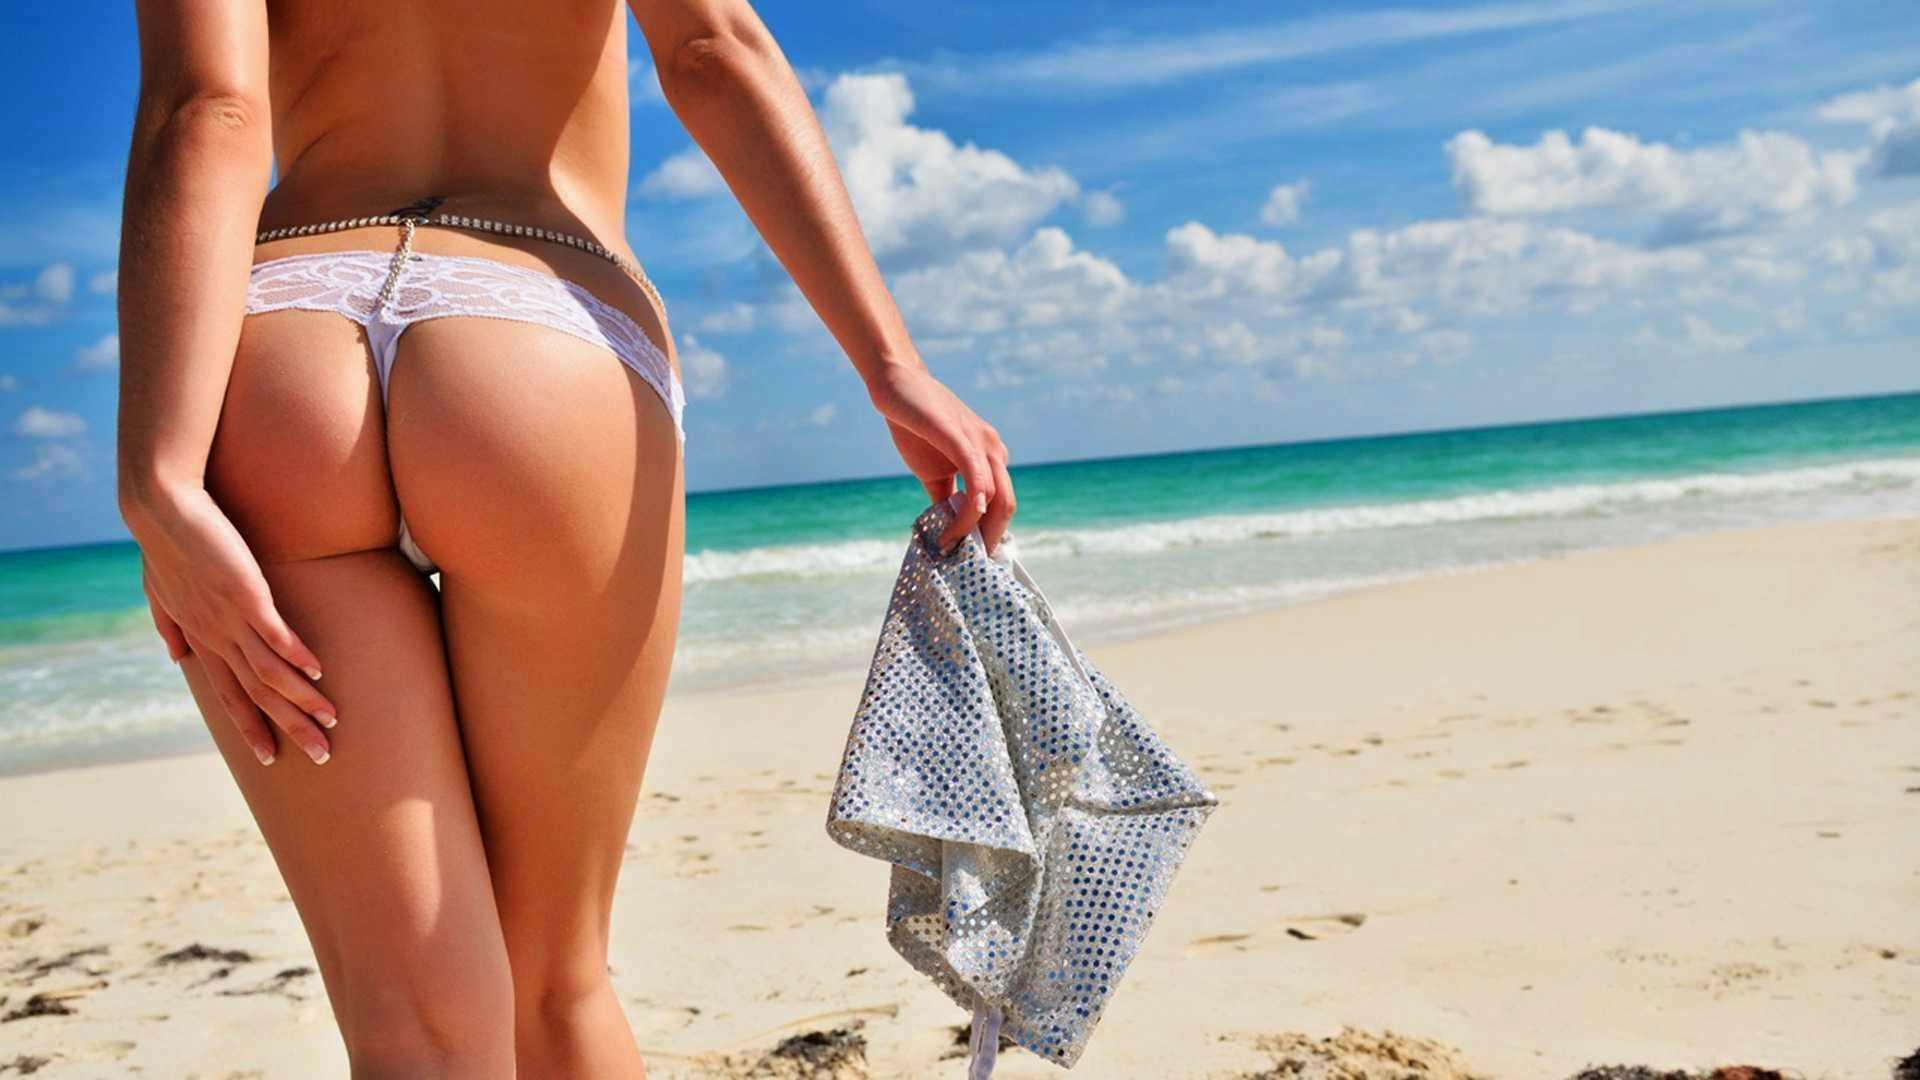 Тело девушки на пляже 13 фотография